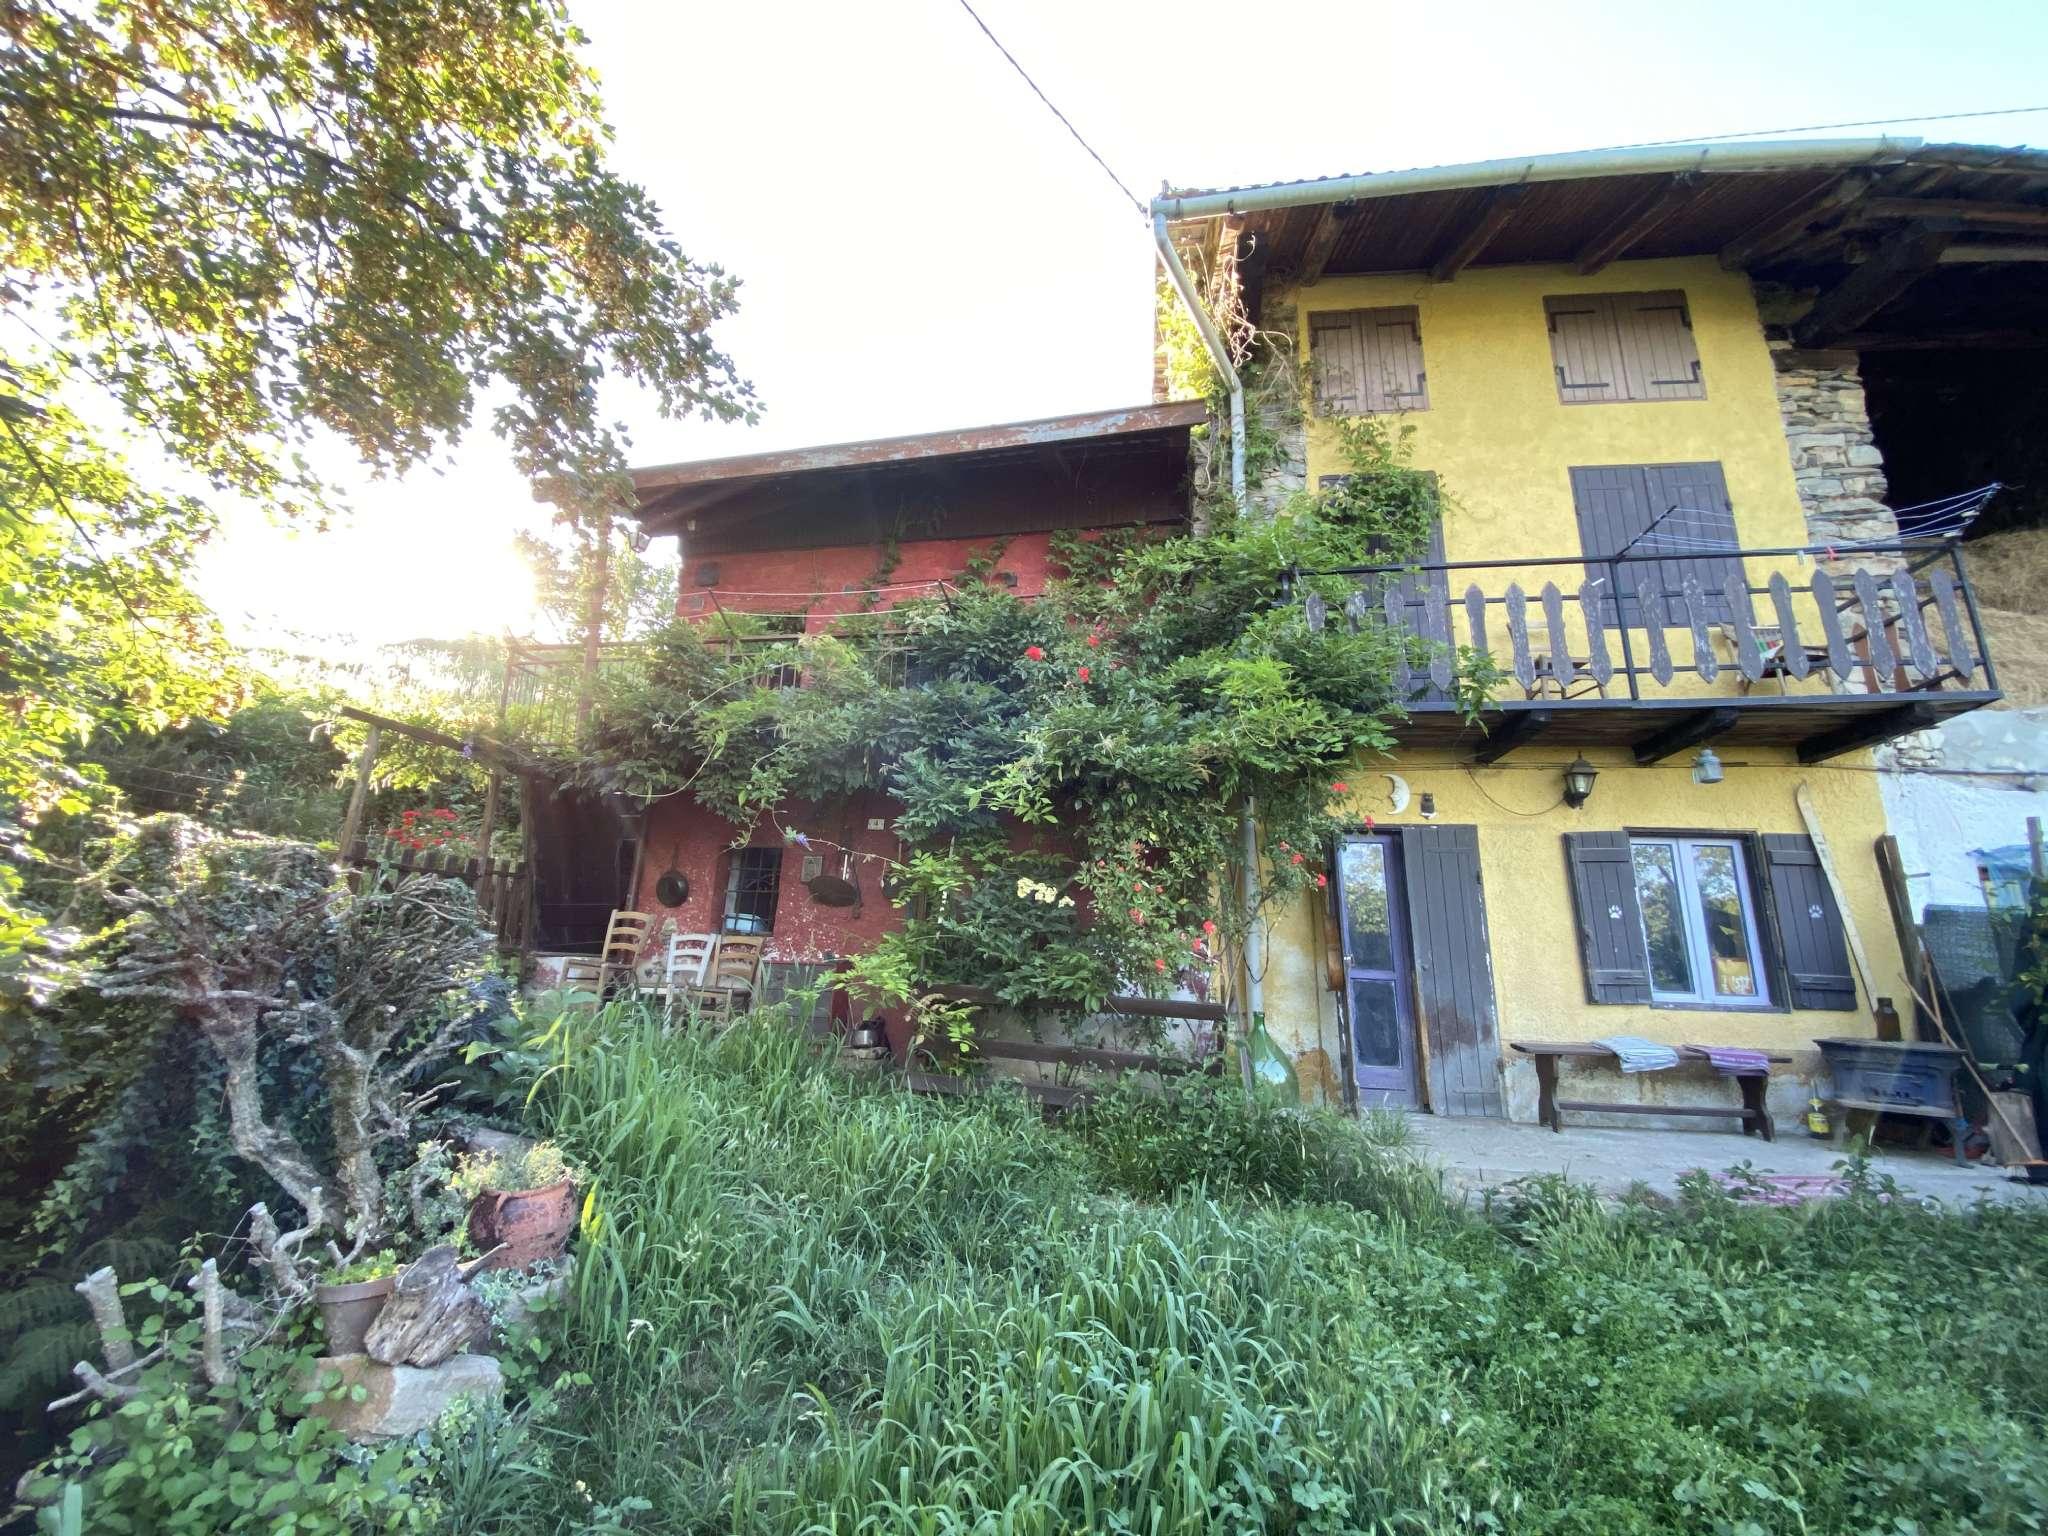 Rustico / Casale in vendita a San Pietro Val Lemina, 4 locali, prezzo € 49.000 | CambioCasa.it